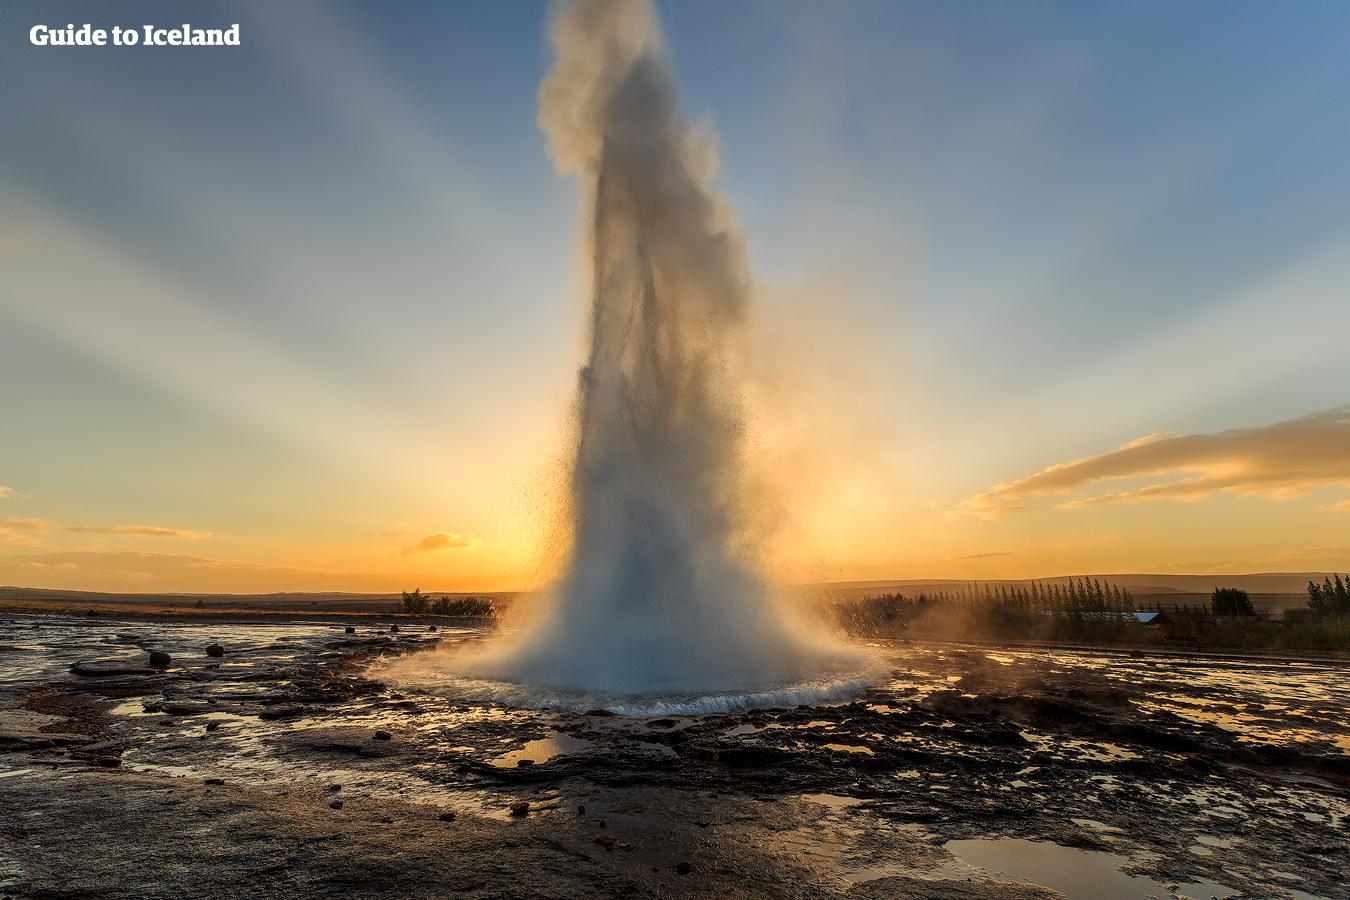 Il sole di mezzanotte illumina le notti in Islanda, quindi puoi visitare il Circolo d'Oro la sera durante il tuo tour autonomo.